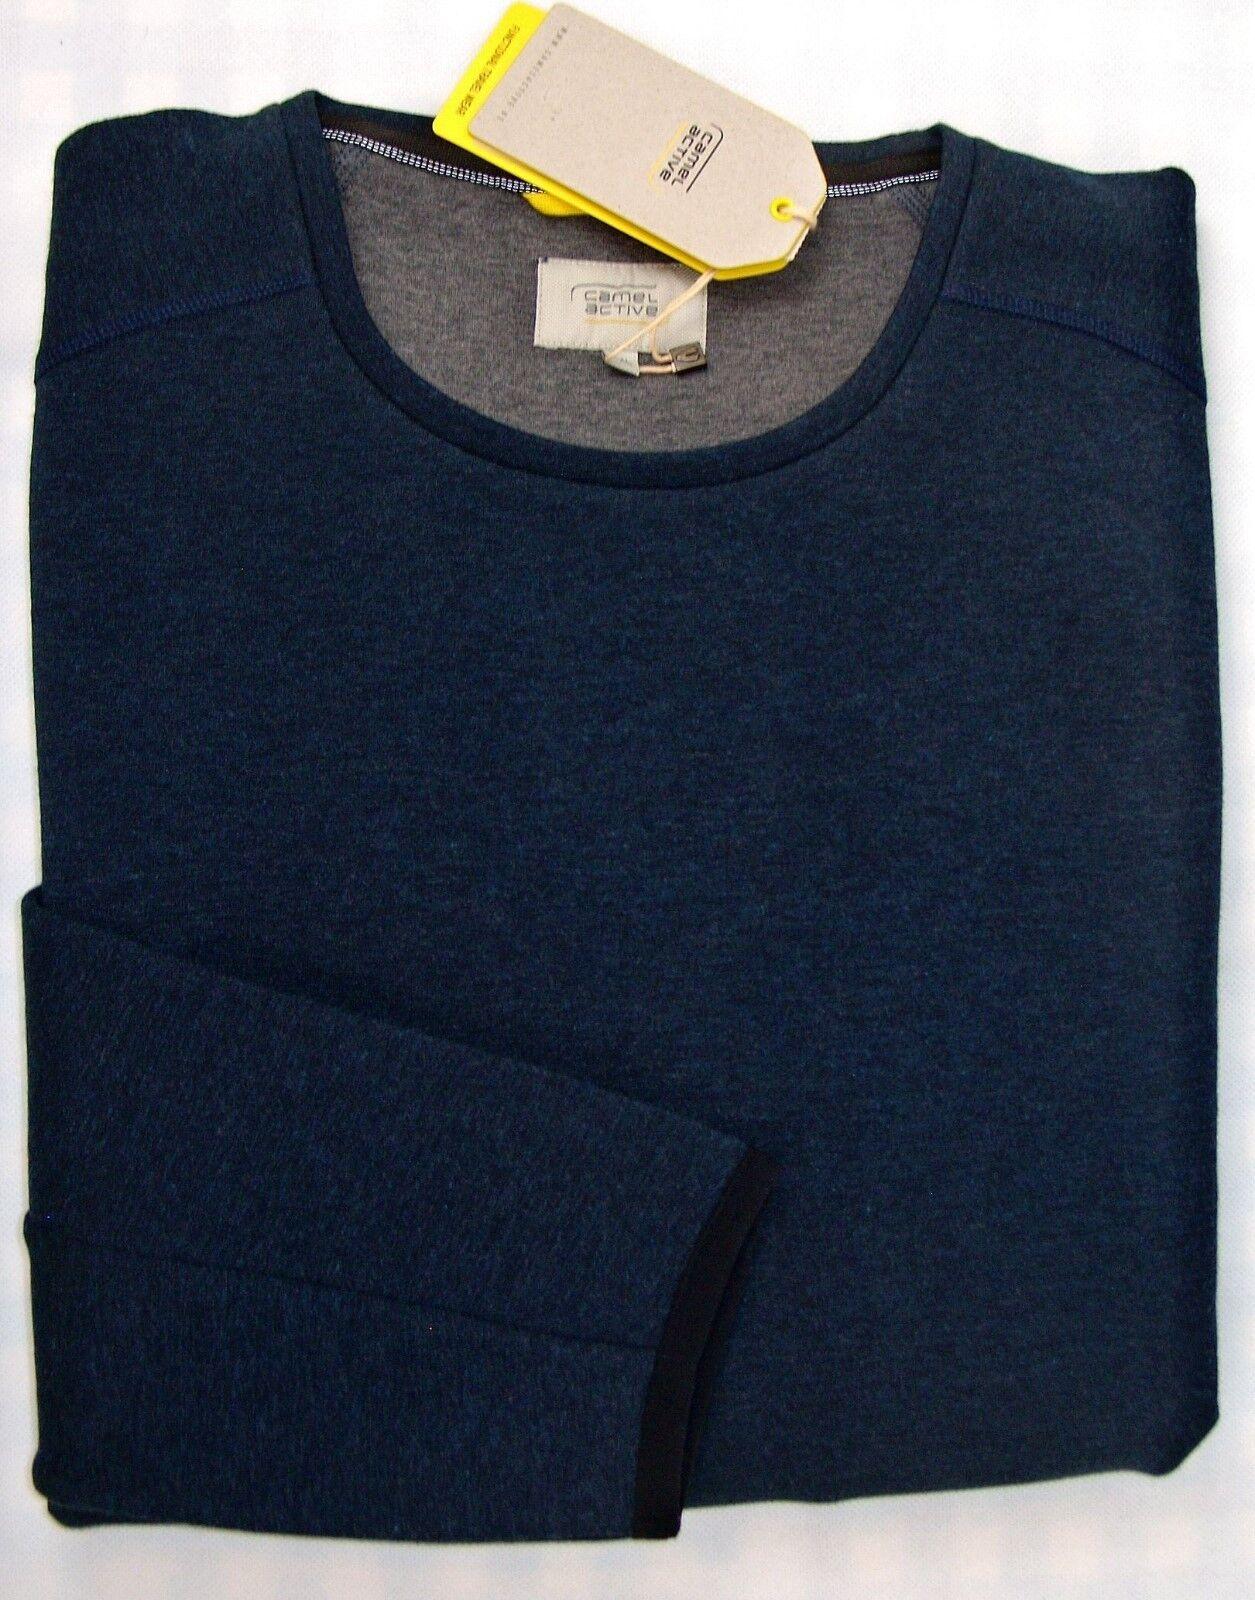 CAMEL Active Sweatshirt langarm Übergröße 2XL 4XL 5XL dunkelblau NEU Jetzt-25%